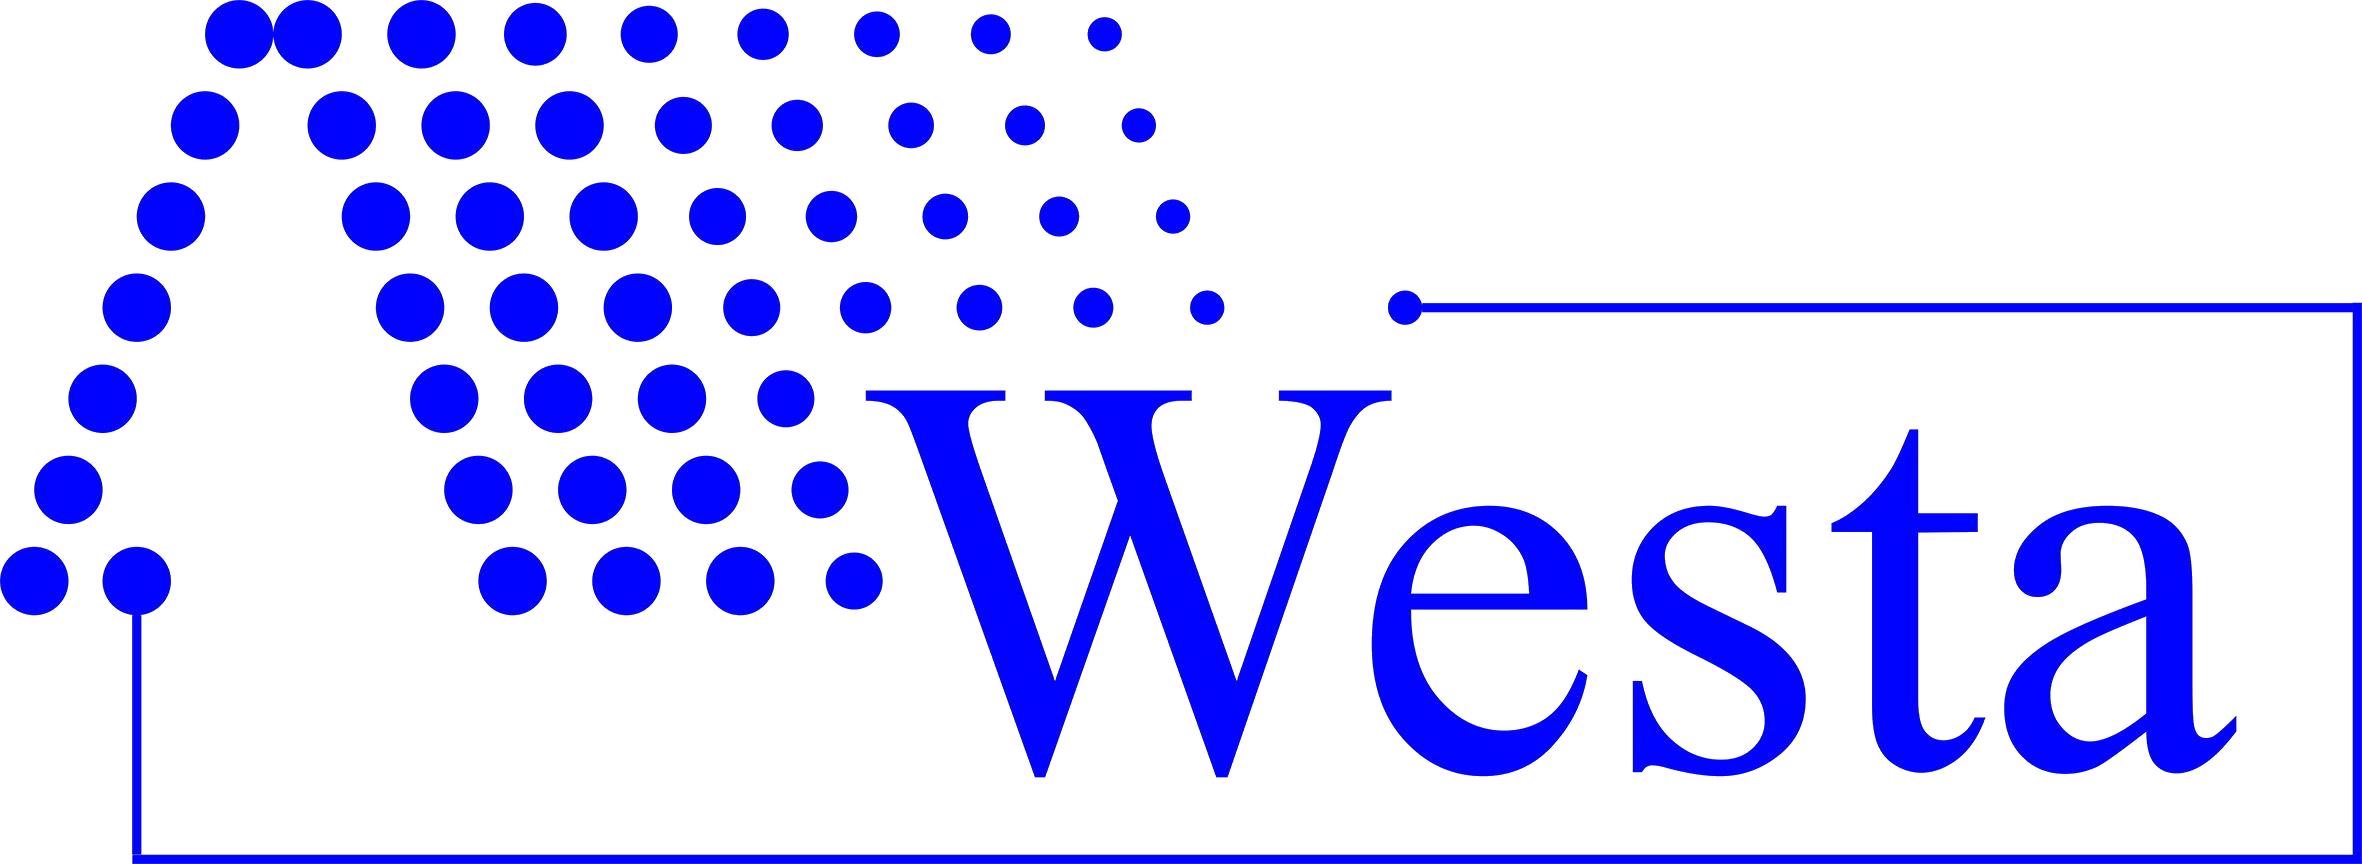 """Проживание + СПА-программы с 4-разовым питанием от 68,54 руб/сутки, бильярд 5 руб/час в СОК """"Westa"""""""